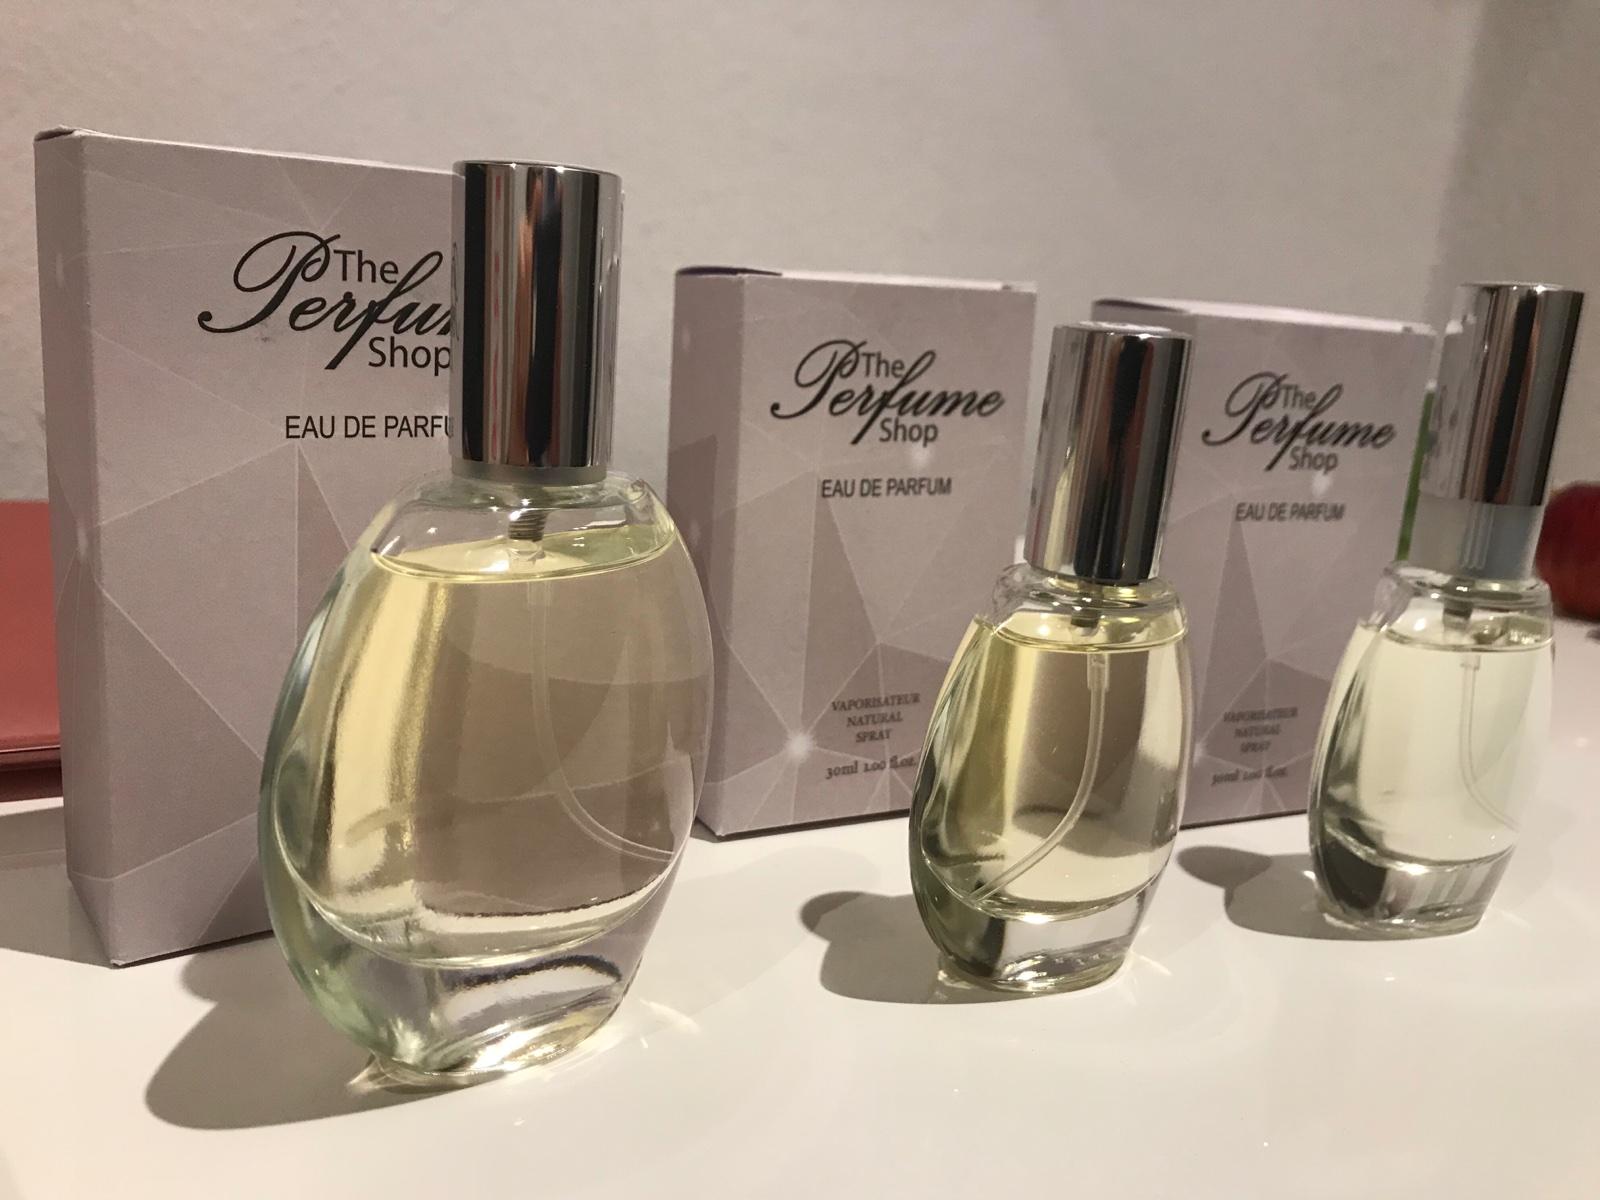 Sú parfémy kupované cez internet originály  - str. 14 - Modrý koník 8e1b2685ffa